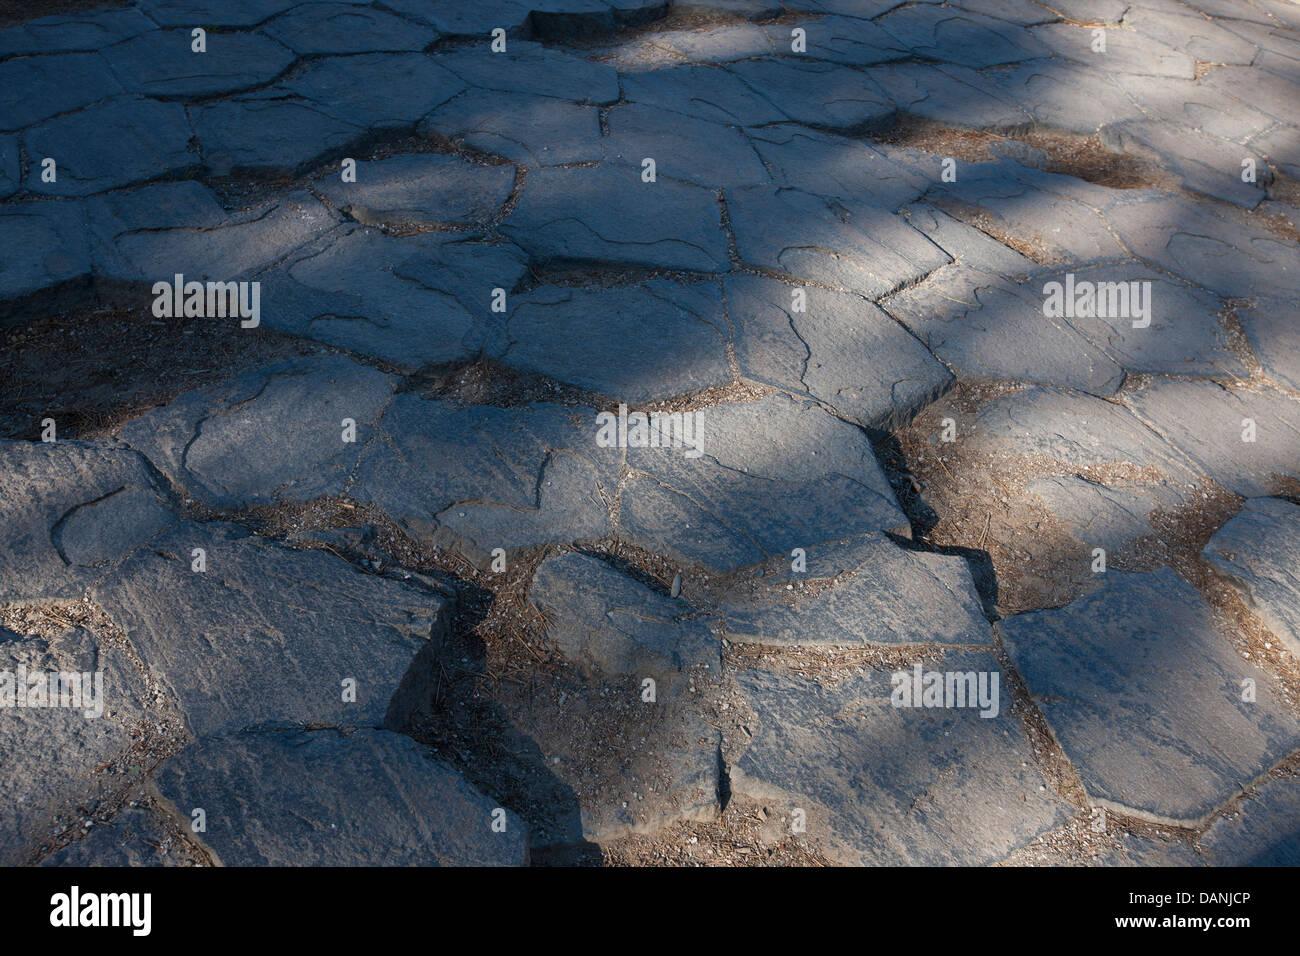 Tile pattern of 120 degree shrinkage cracks on top of columnar basalt rock formations, Devils Postpile National - Stock Image